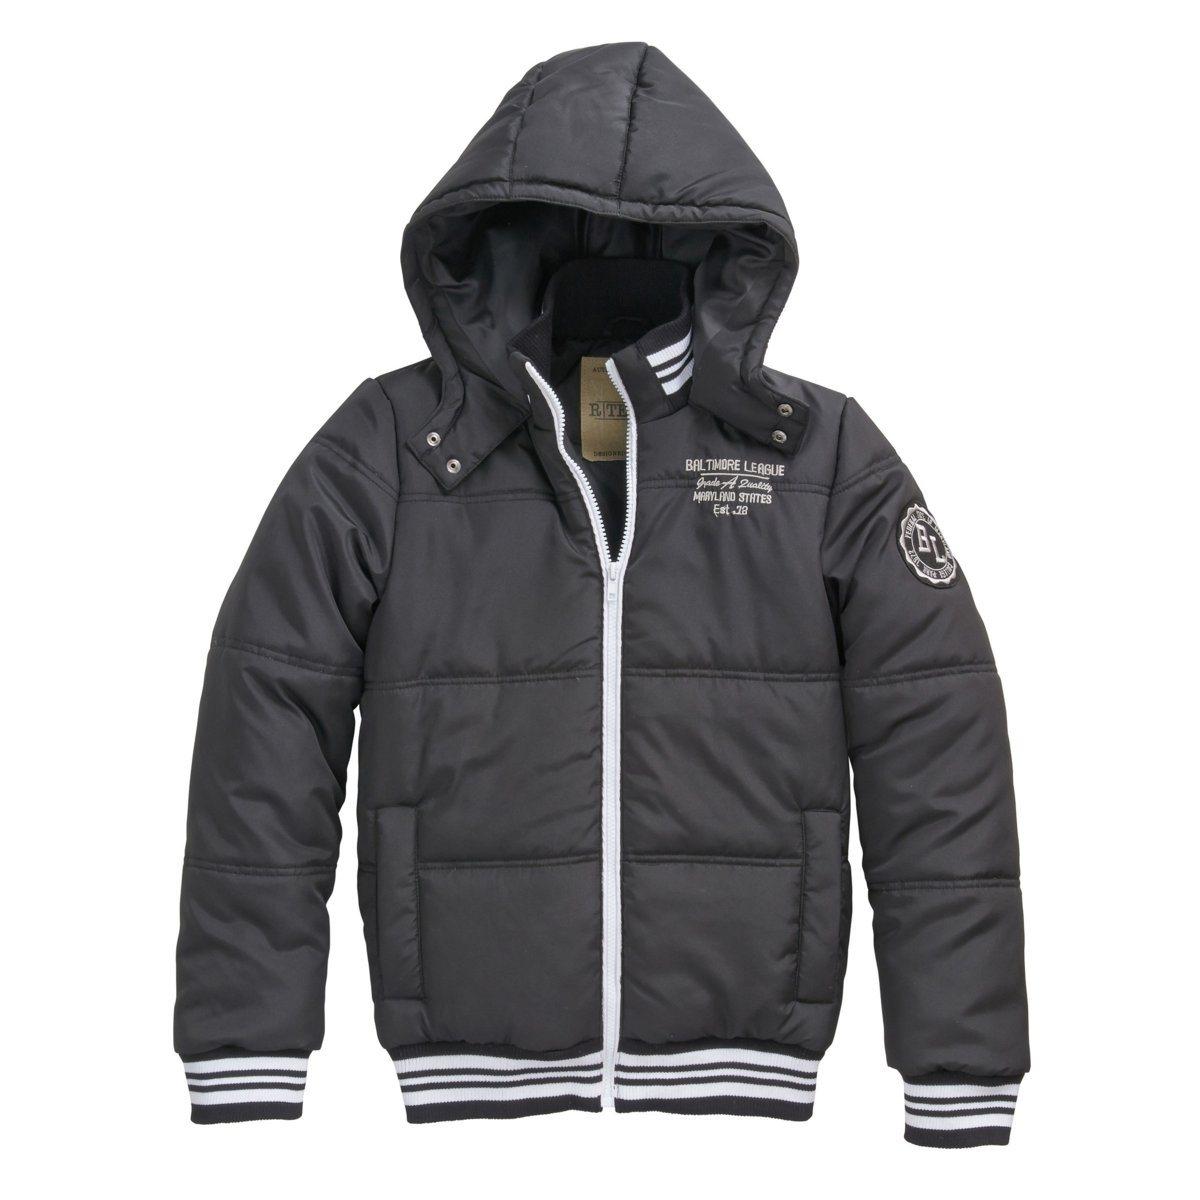 Куртка стеганая с капюшономСтеганая куртка из 100 % полиэстера с водоотталкивающим эффектом. На теплой подкладке. Удобный капюшон защитит от ветра и холода, застежка на кнопки. Вышивка на груди и нашивка на рукаве. 2 передних кармана. Края связаны в рубчик.<br><br>Цвет: черный<br>Размер: 16 лет - 174 см